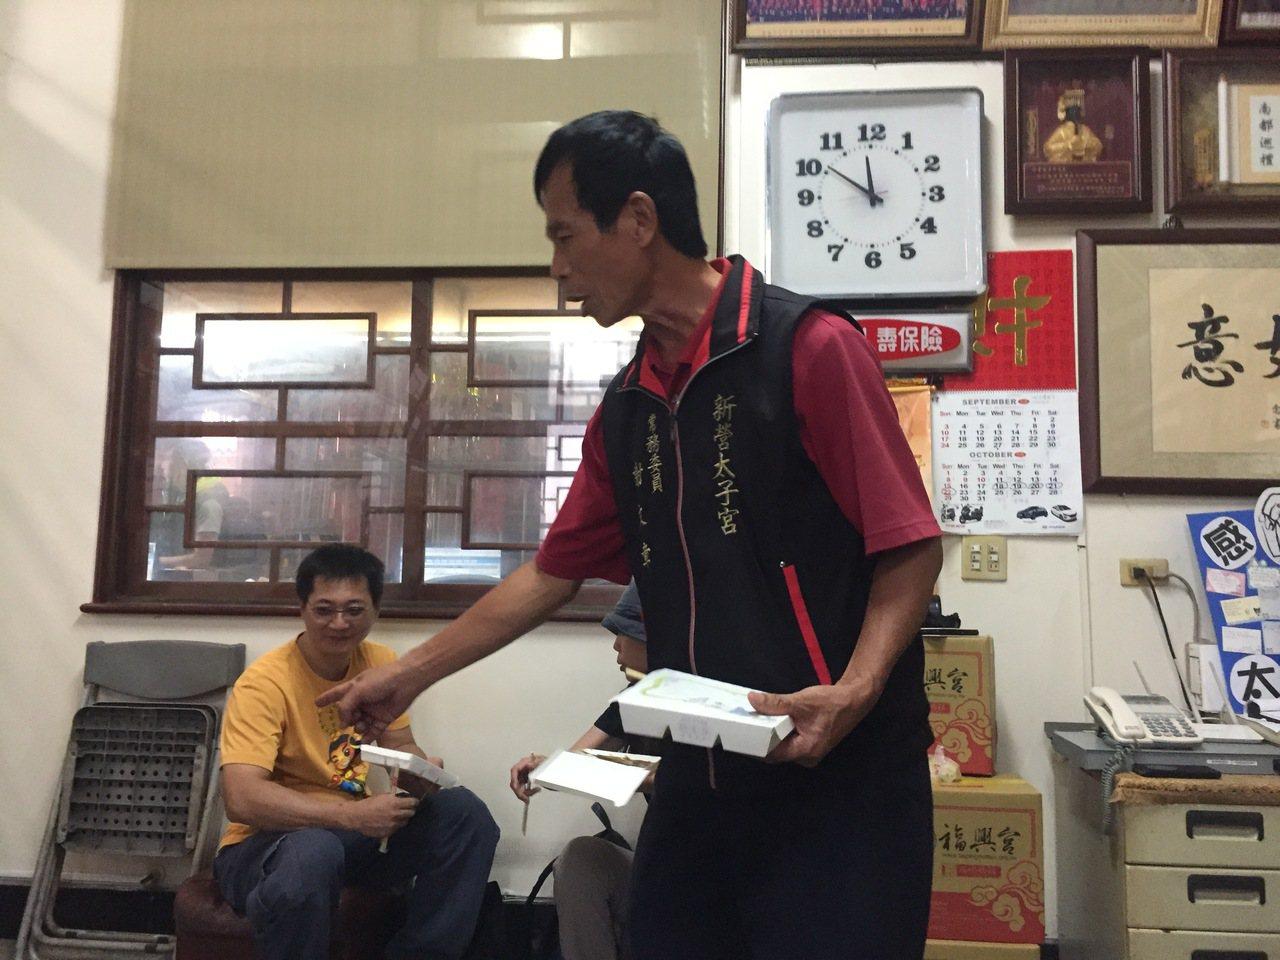 台南市新營區太子宮常務委員謝文章說,當場發現竊賊異常舉動。記者吳政修/攝影